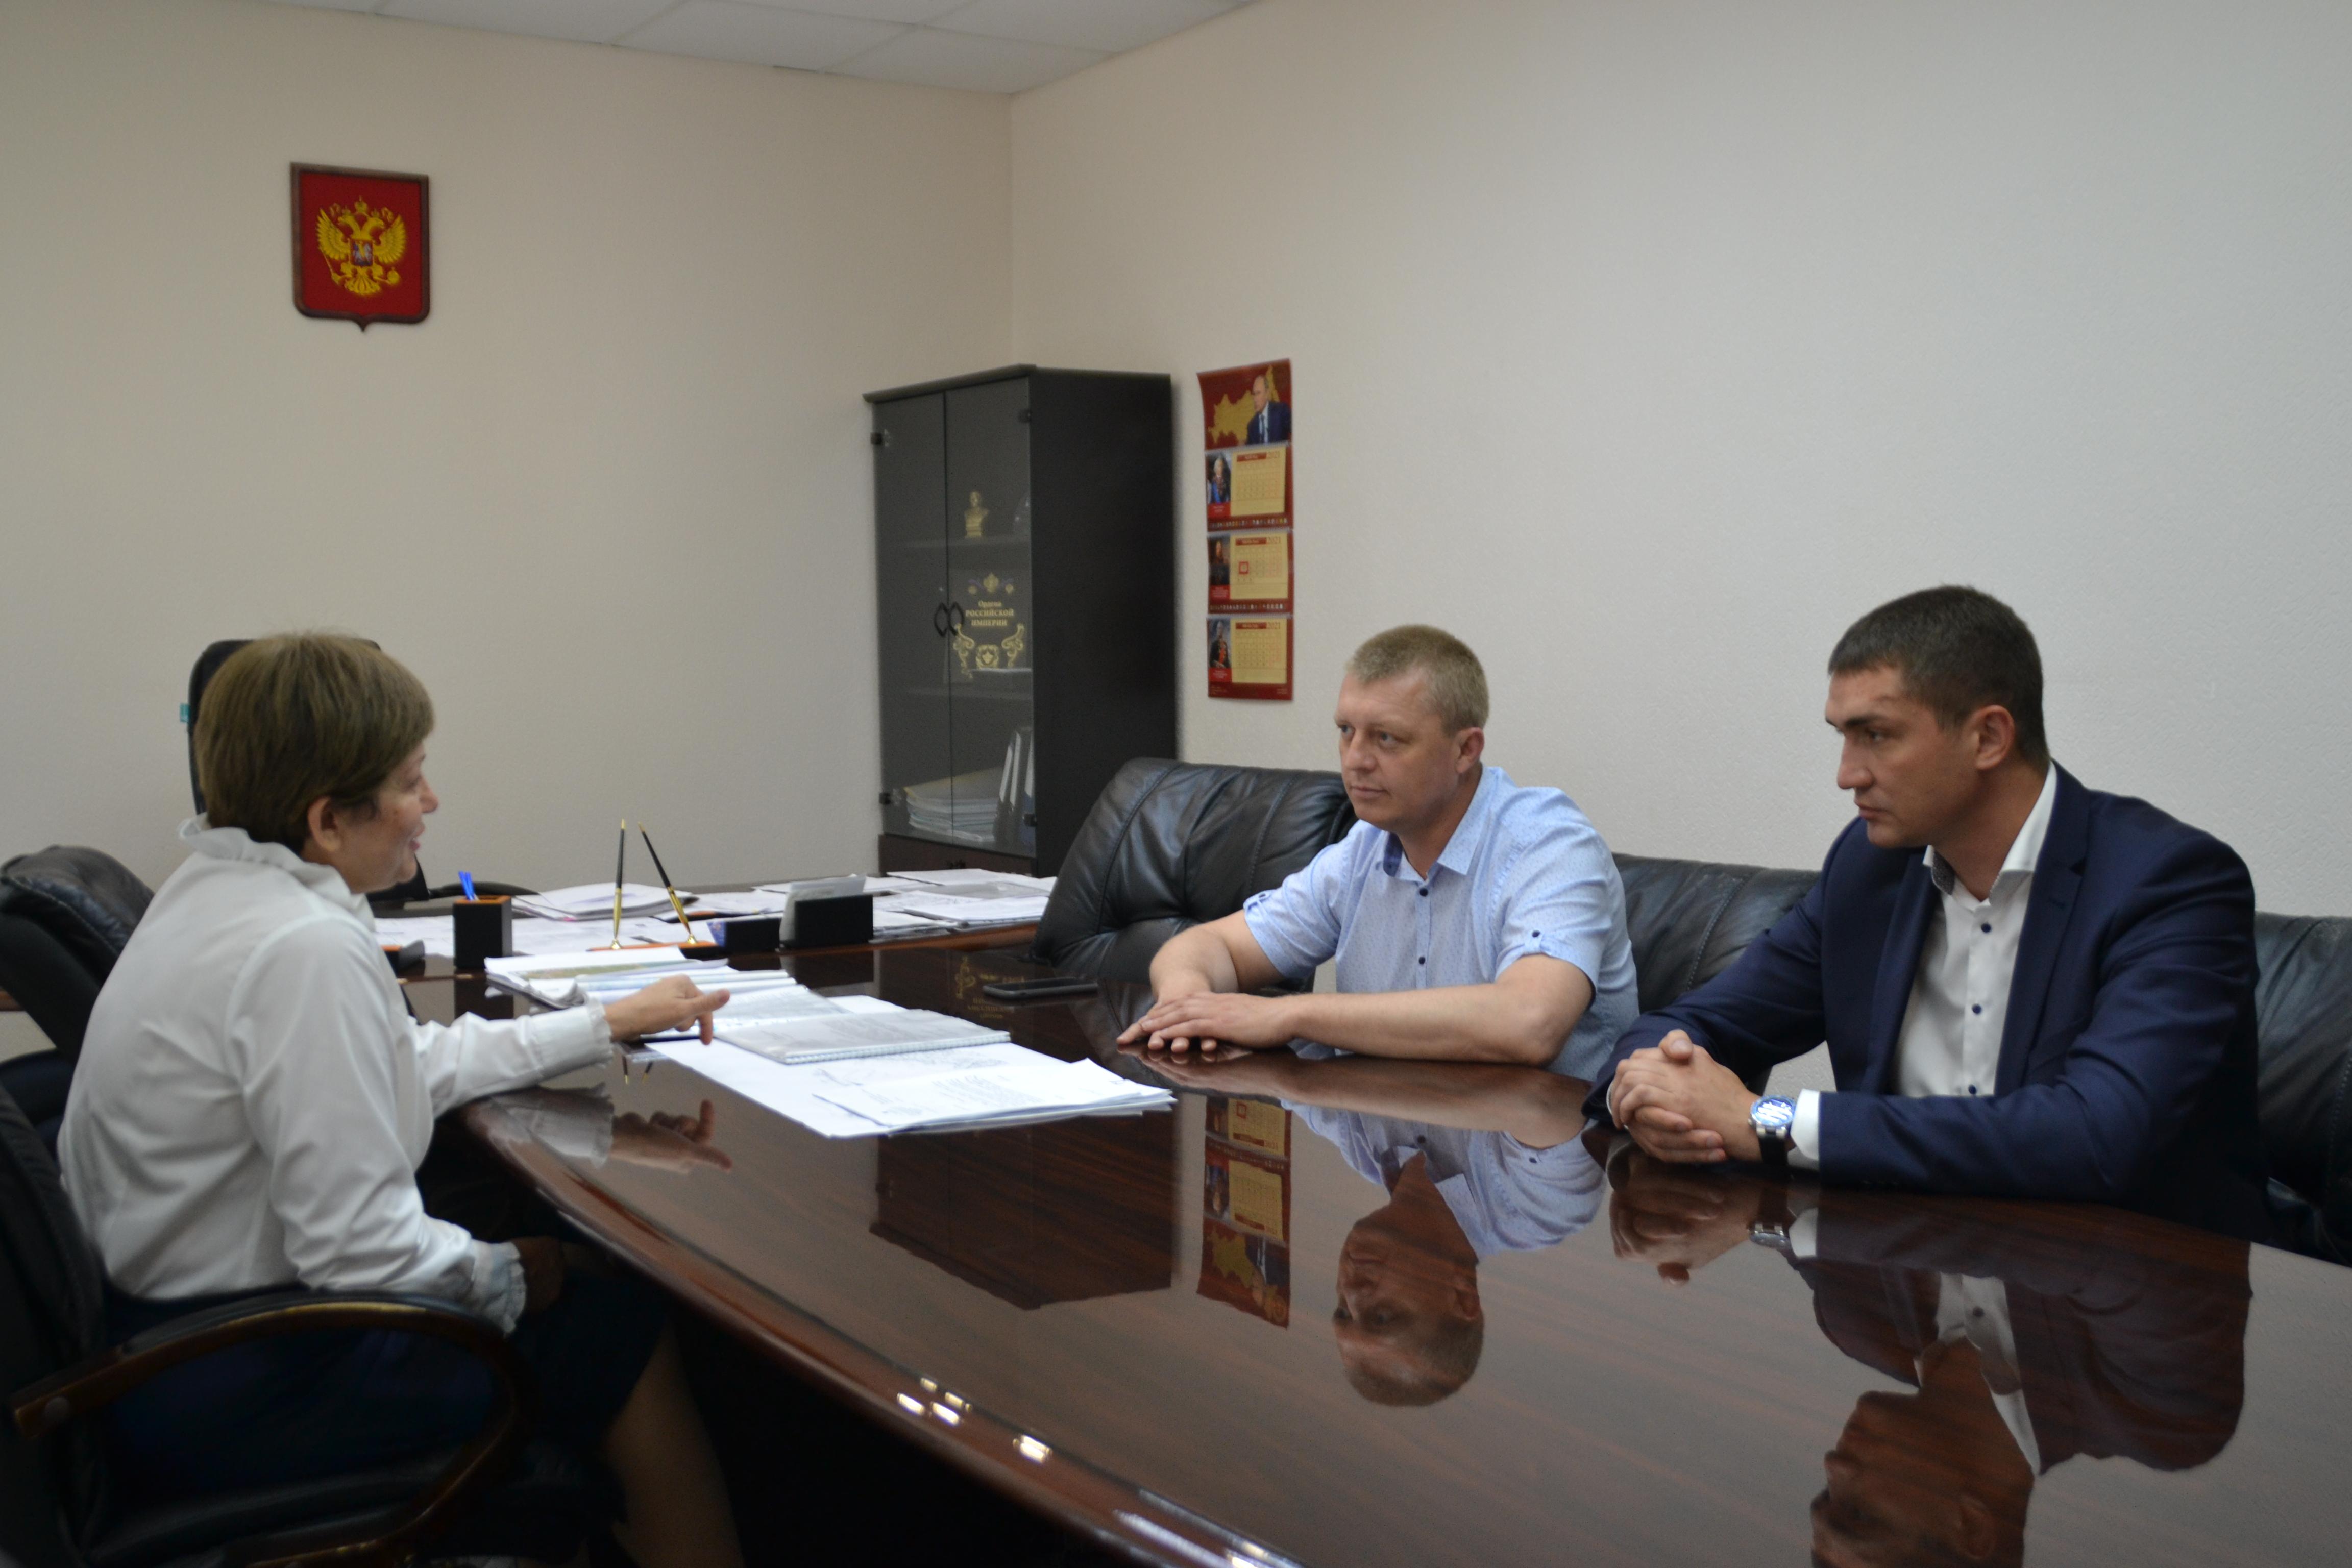 Сергей Бондаренко встретился с Уполномоченным по правам ребенка в Краснодарском крае Татьяной Ковалевой